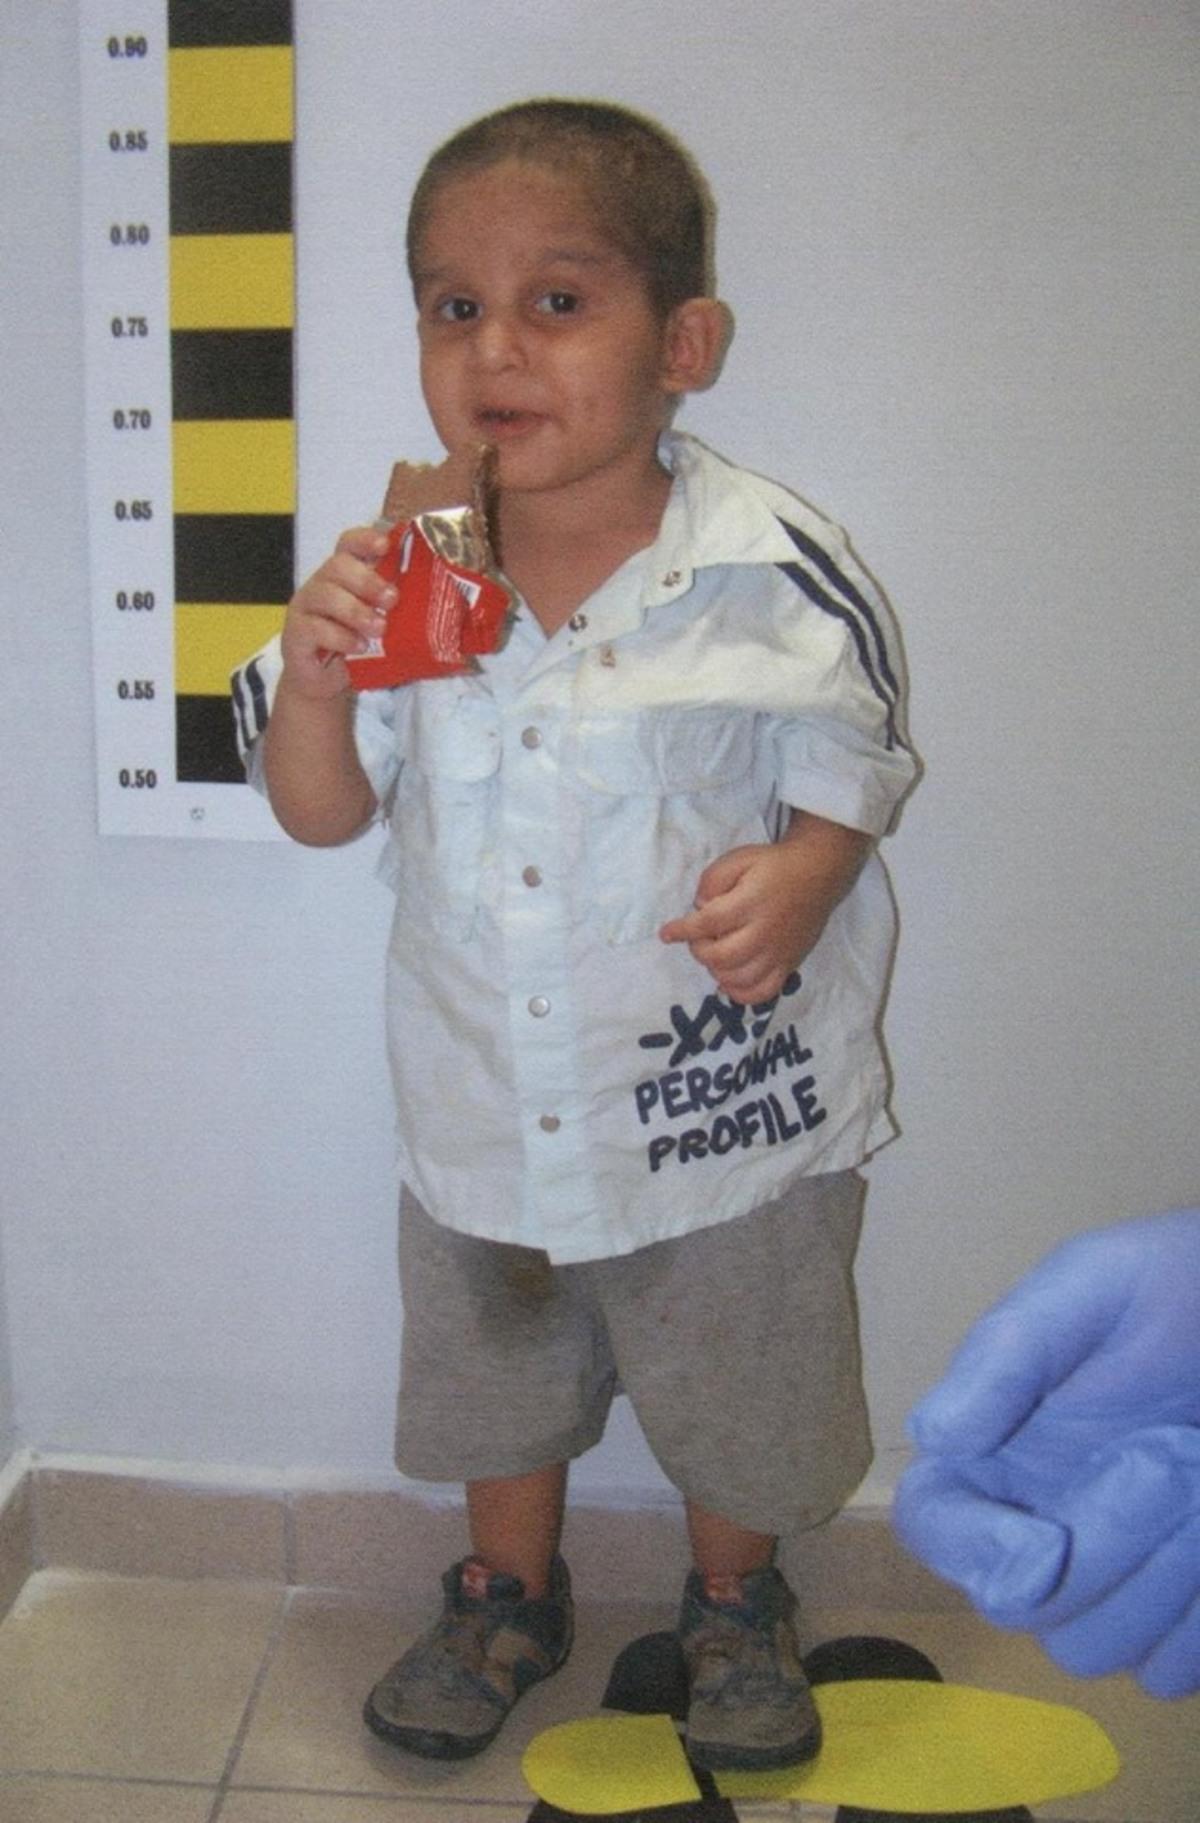 Αν ξέρετε αυτό το παιδάκι ενημερώστε την  αστυνομία | Newsit.gr